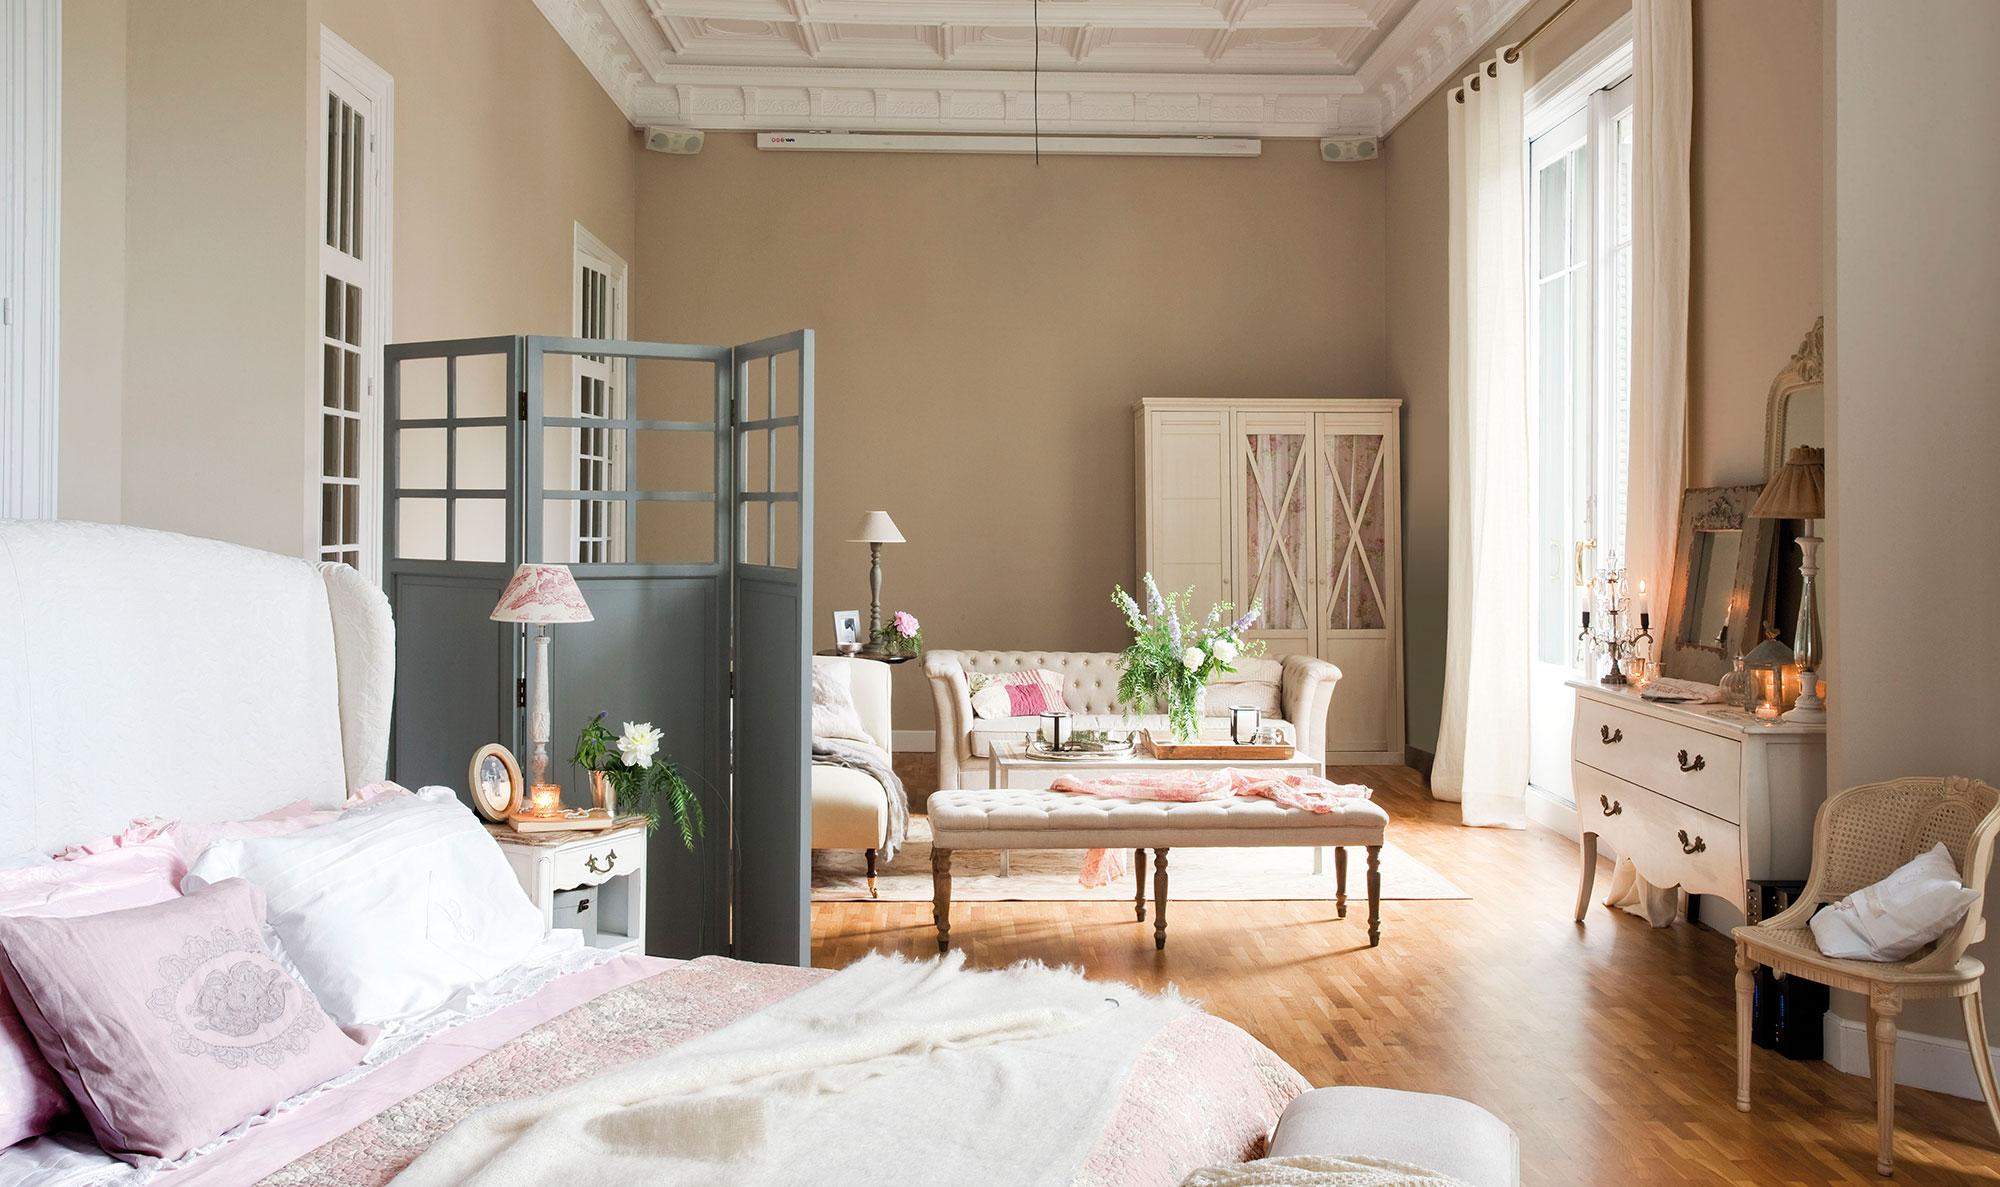 Zonas Dormitorio ~ Lofts ideas para organizar espacios diáfanos